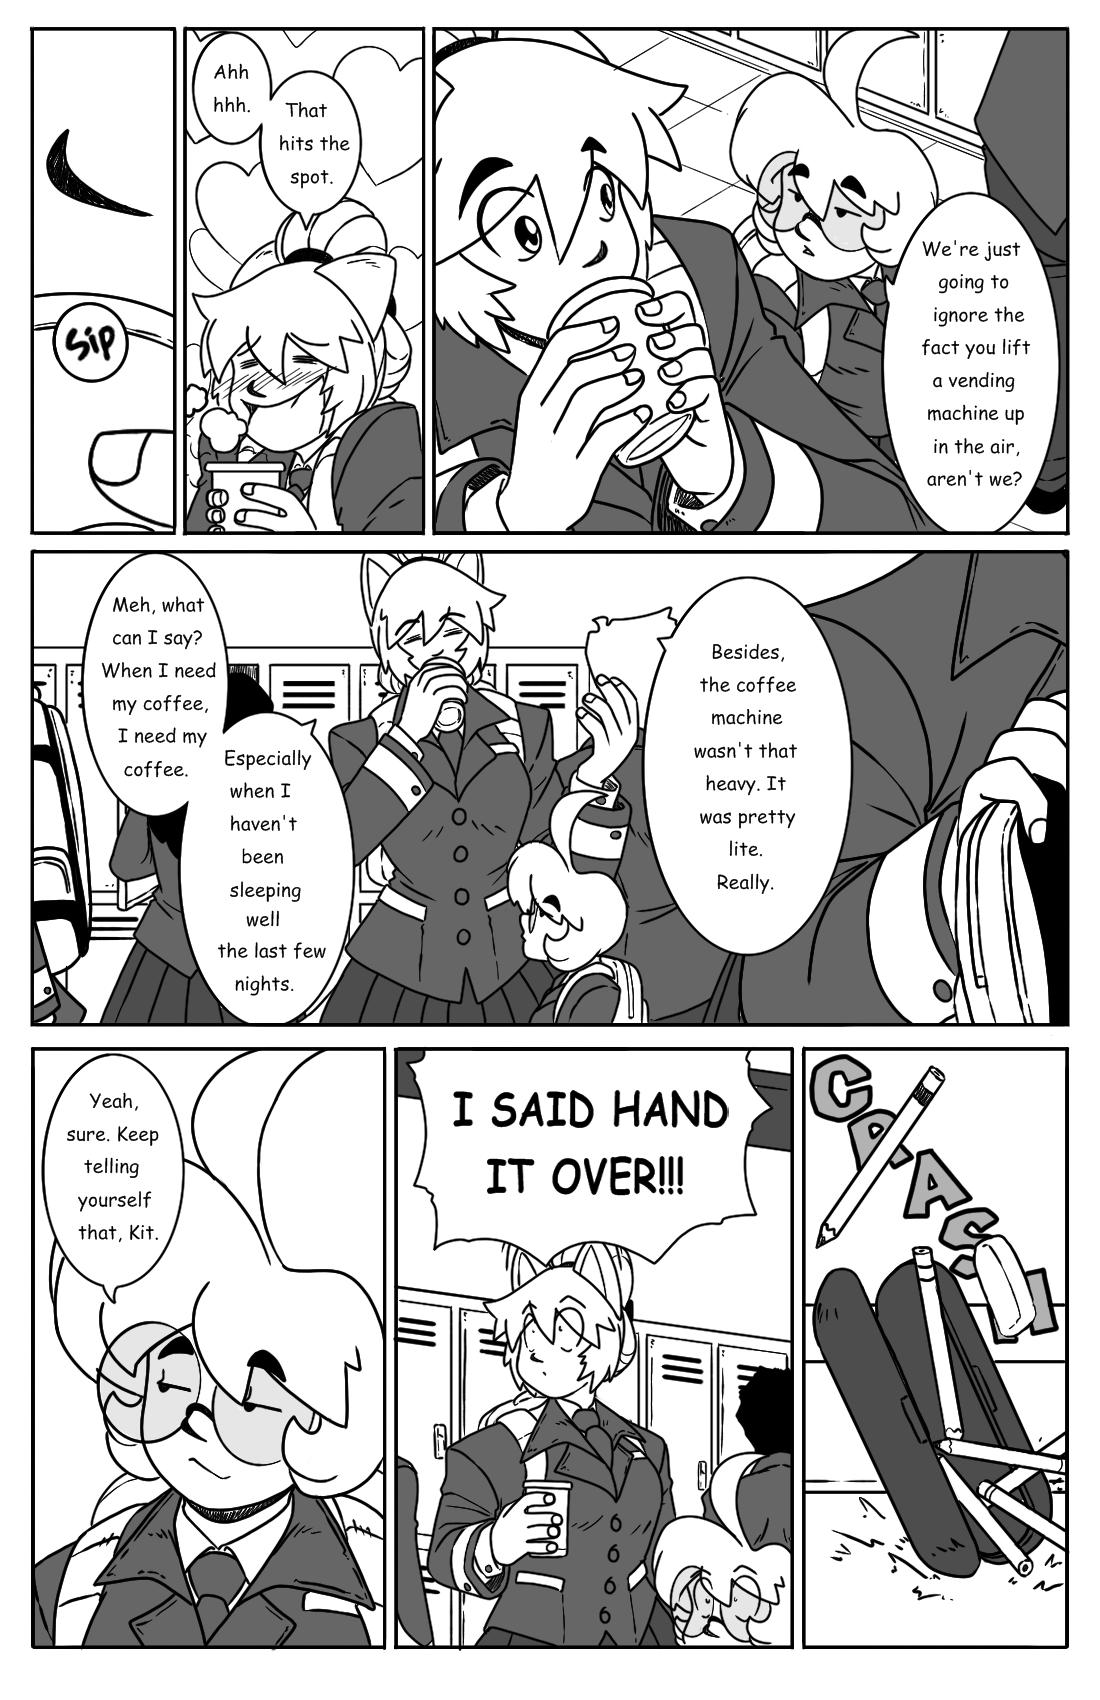 Bully Bully Part 1 pg.3